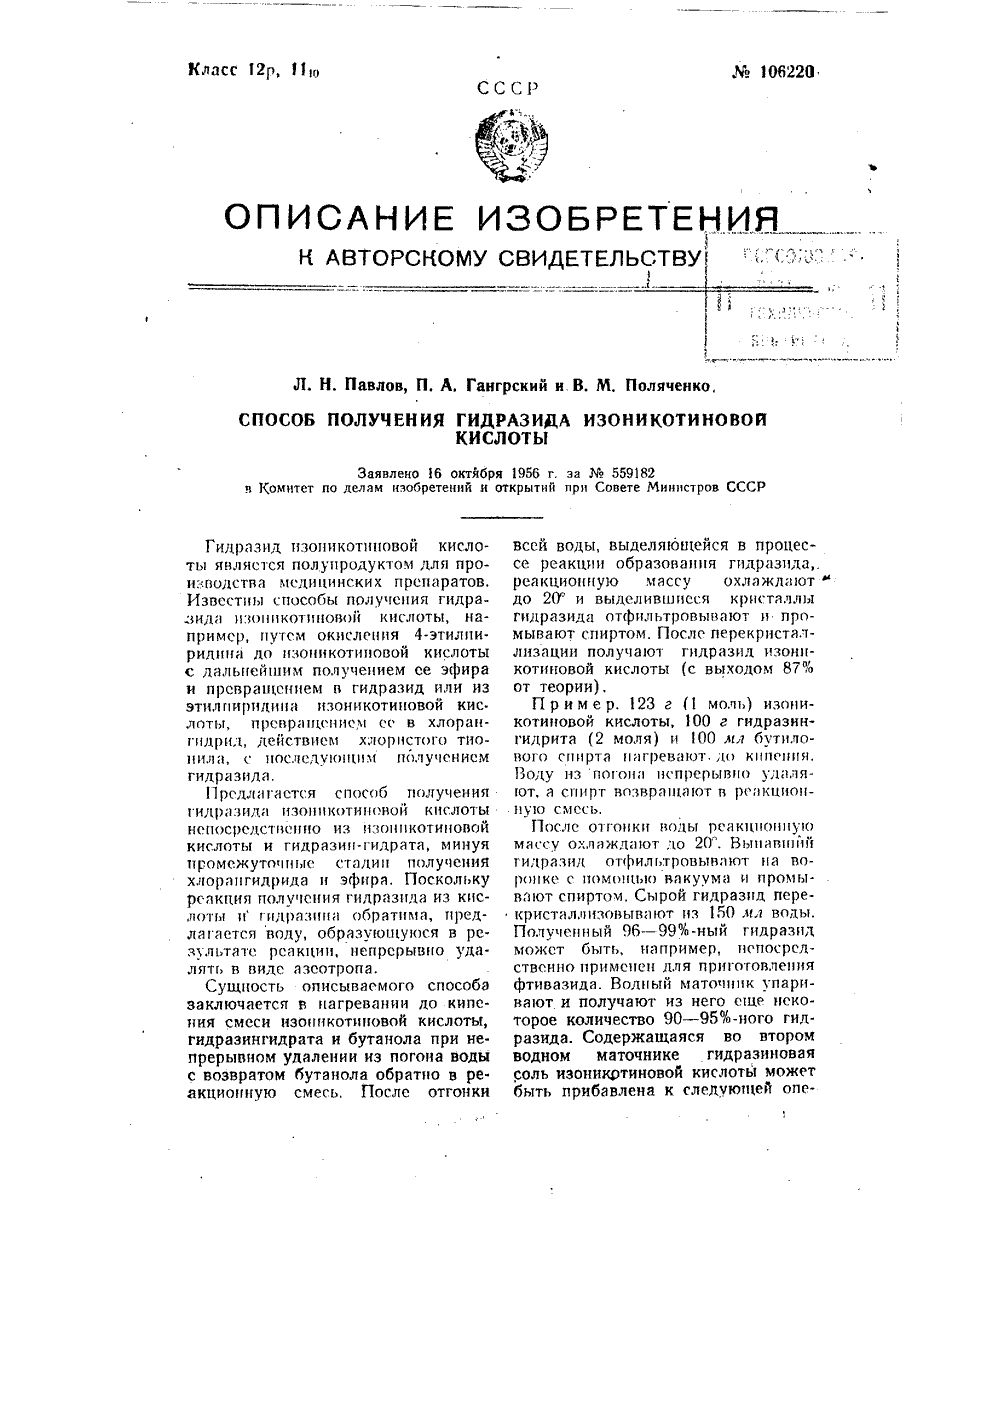 Гидразид Изоникотиновой Кислоты